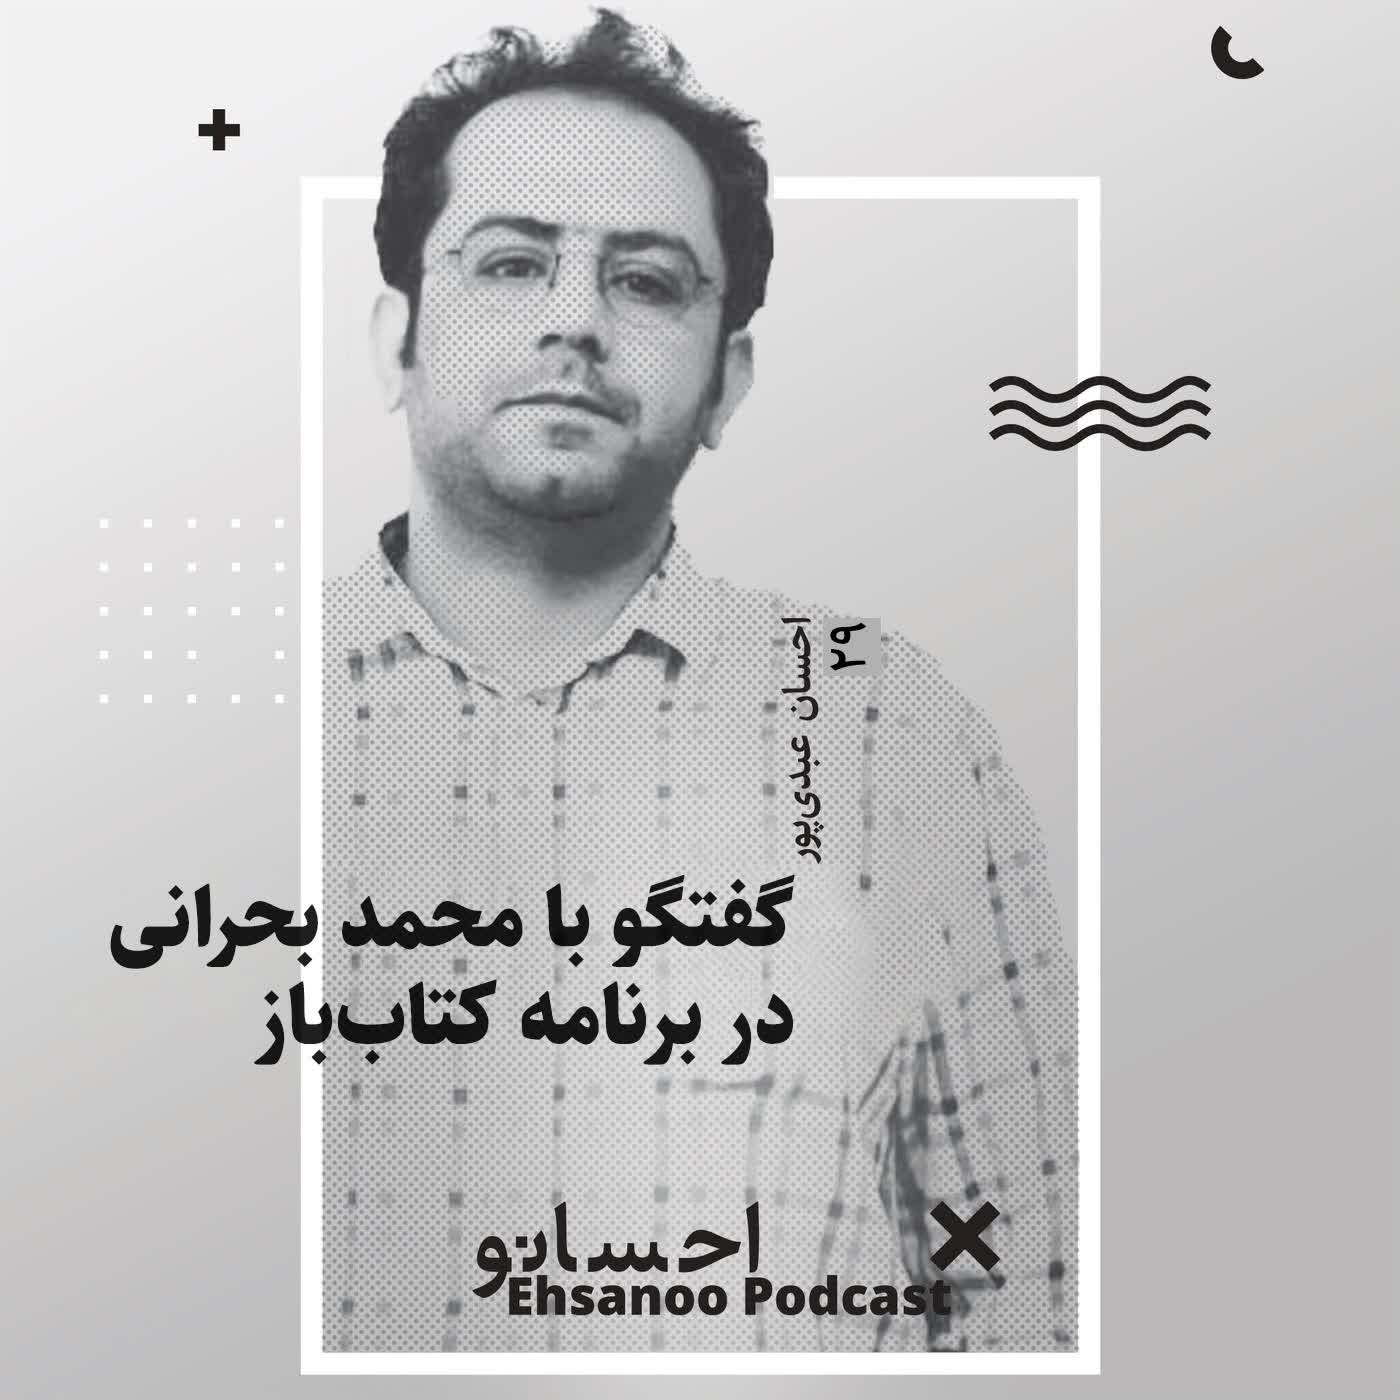 گفتگو با محمد بحرانی در برنامه کتابباز